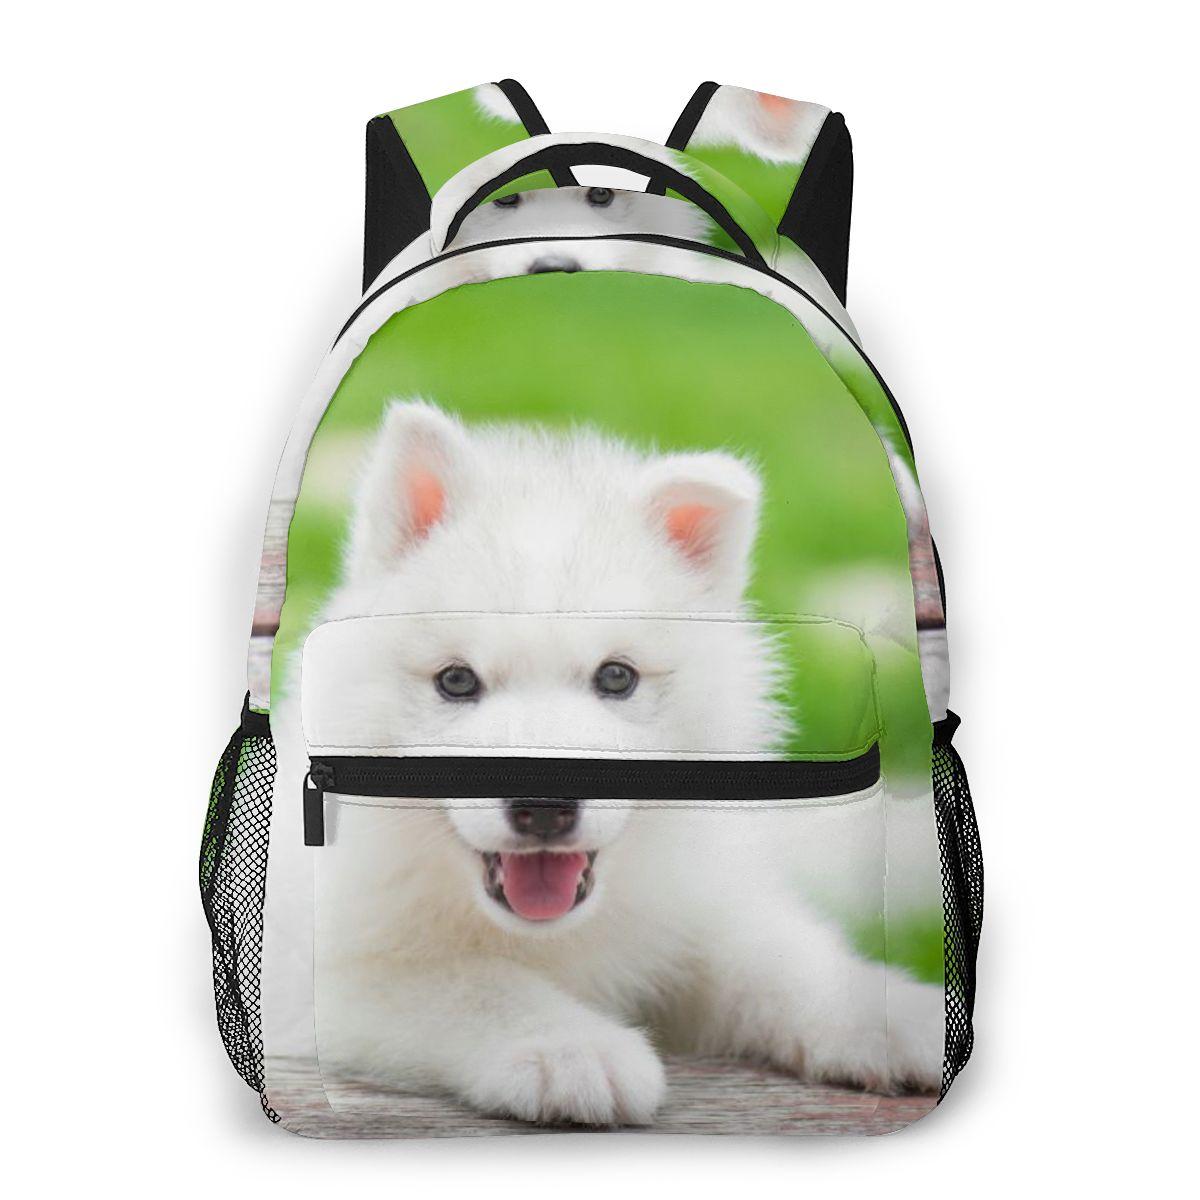 Mochila de moda para mujer, mochila de viaje para hombre, bolso grande para portátil, bolsa de viaje, bolsa de viaje, juegos para cachorros de Husky Siberiano, en el parque